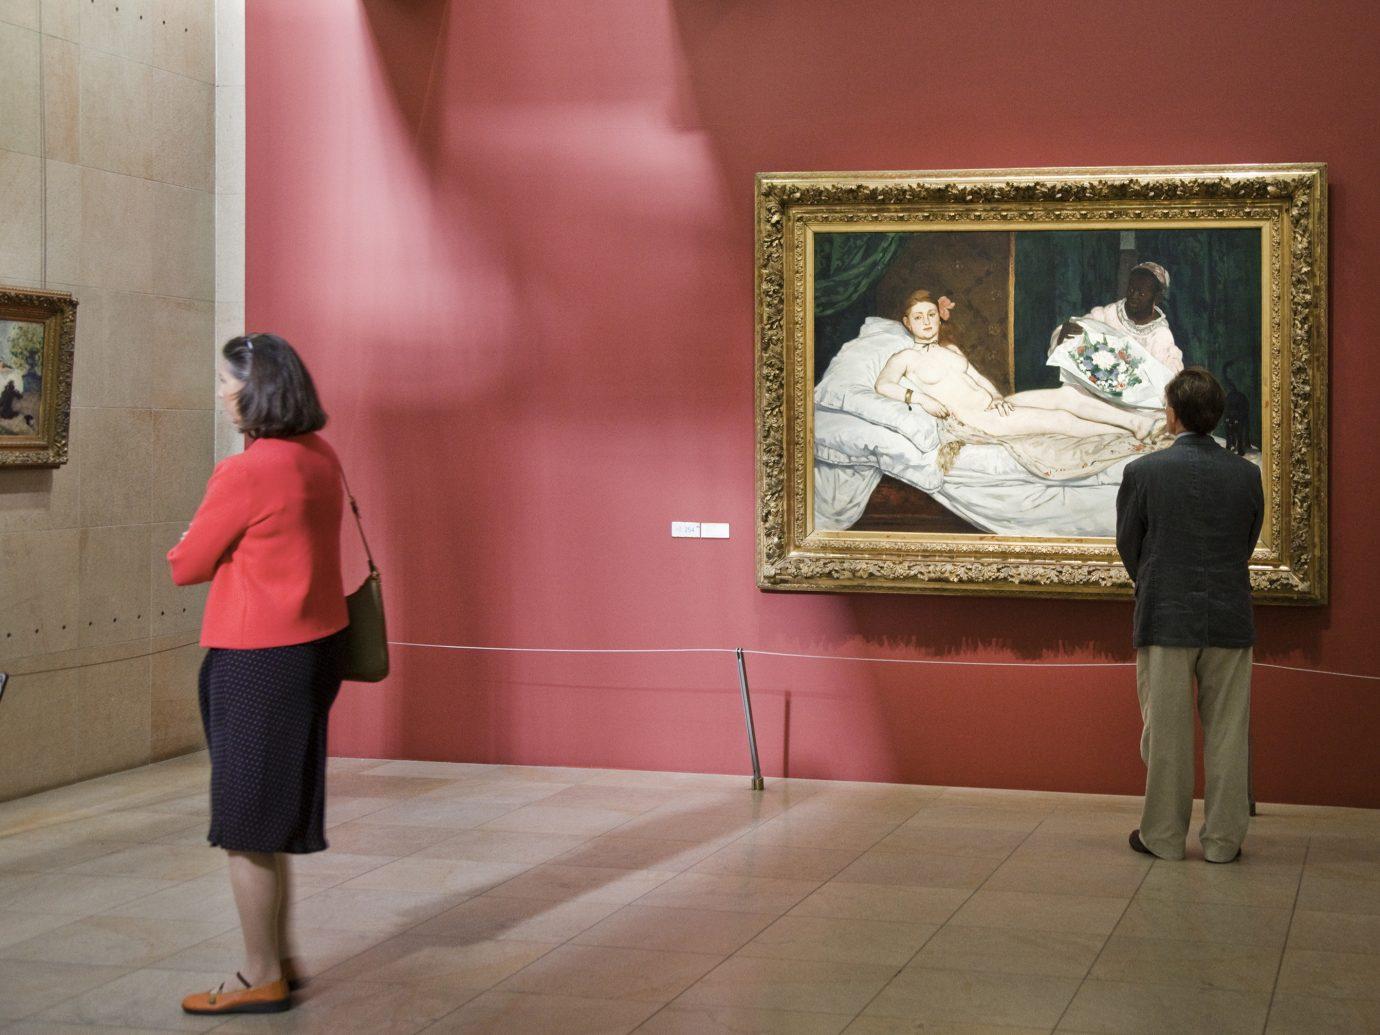 Paintings hanging in Musee d'Orsay in Paris